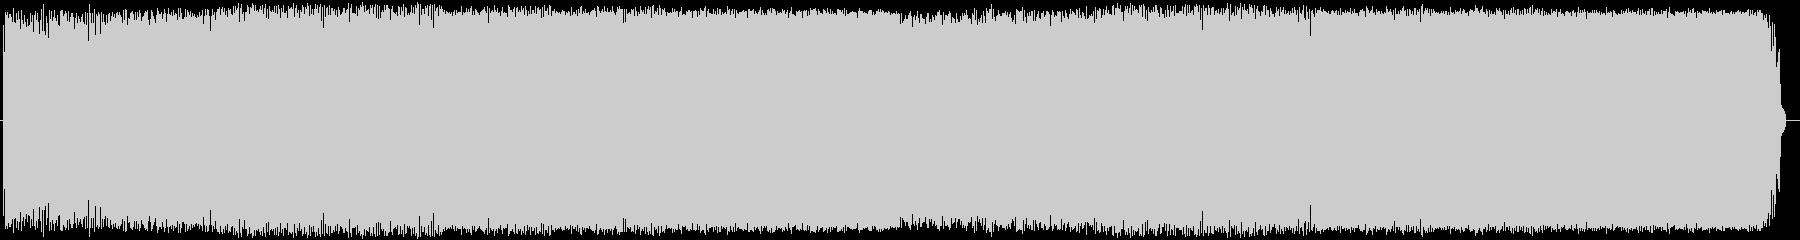 アンビエントテクノエレクトロニカの...の未再生の波形